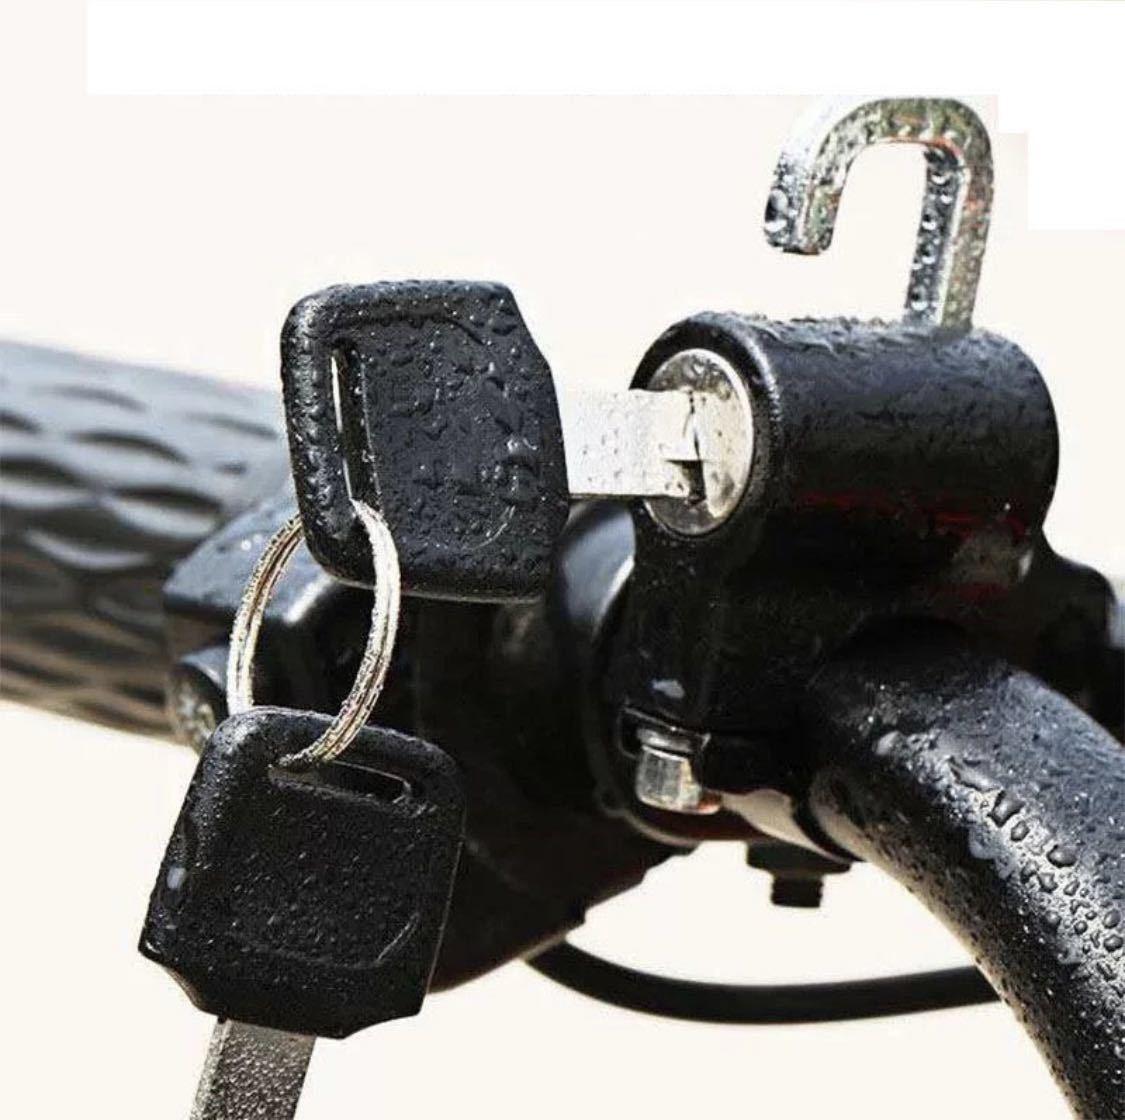 ヘルメットロックホルダー バイク 盗難防止 汎用 キーロック 鍵 自転車 防犯 2個セット_画像4